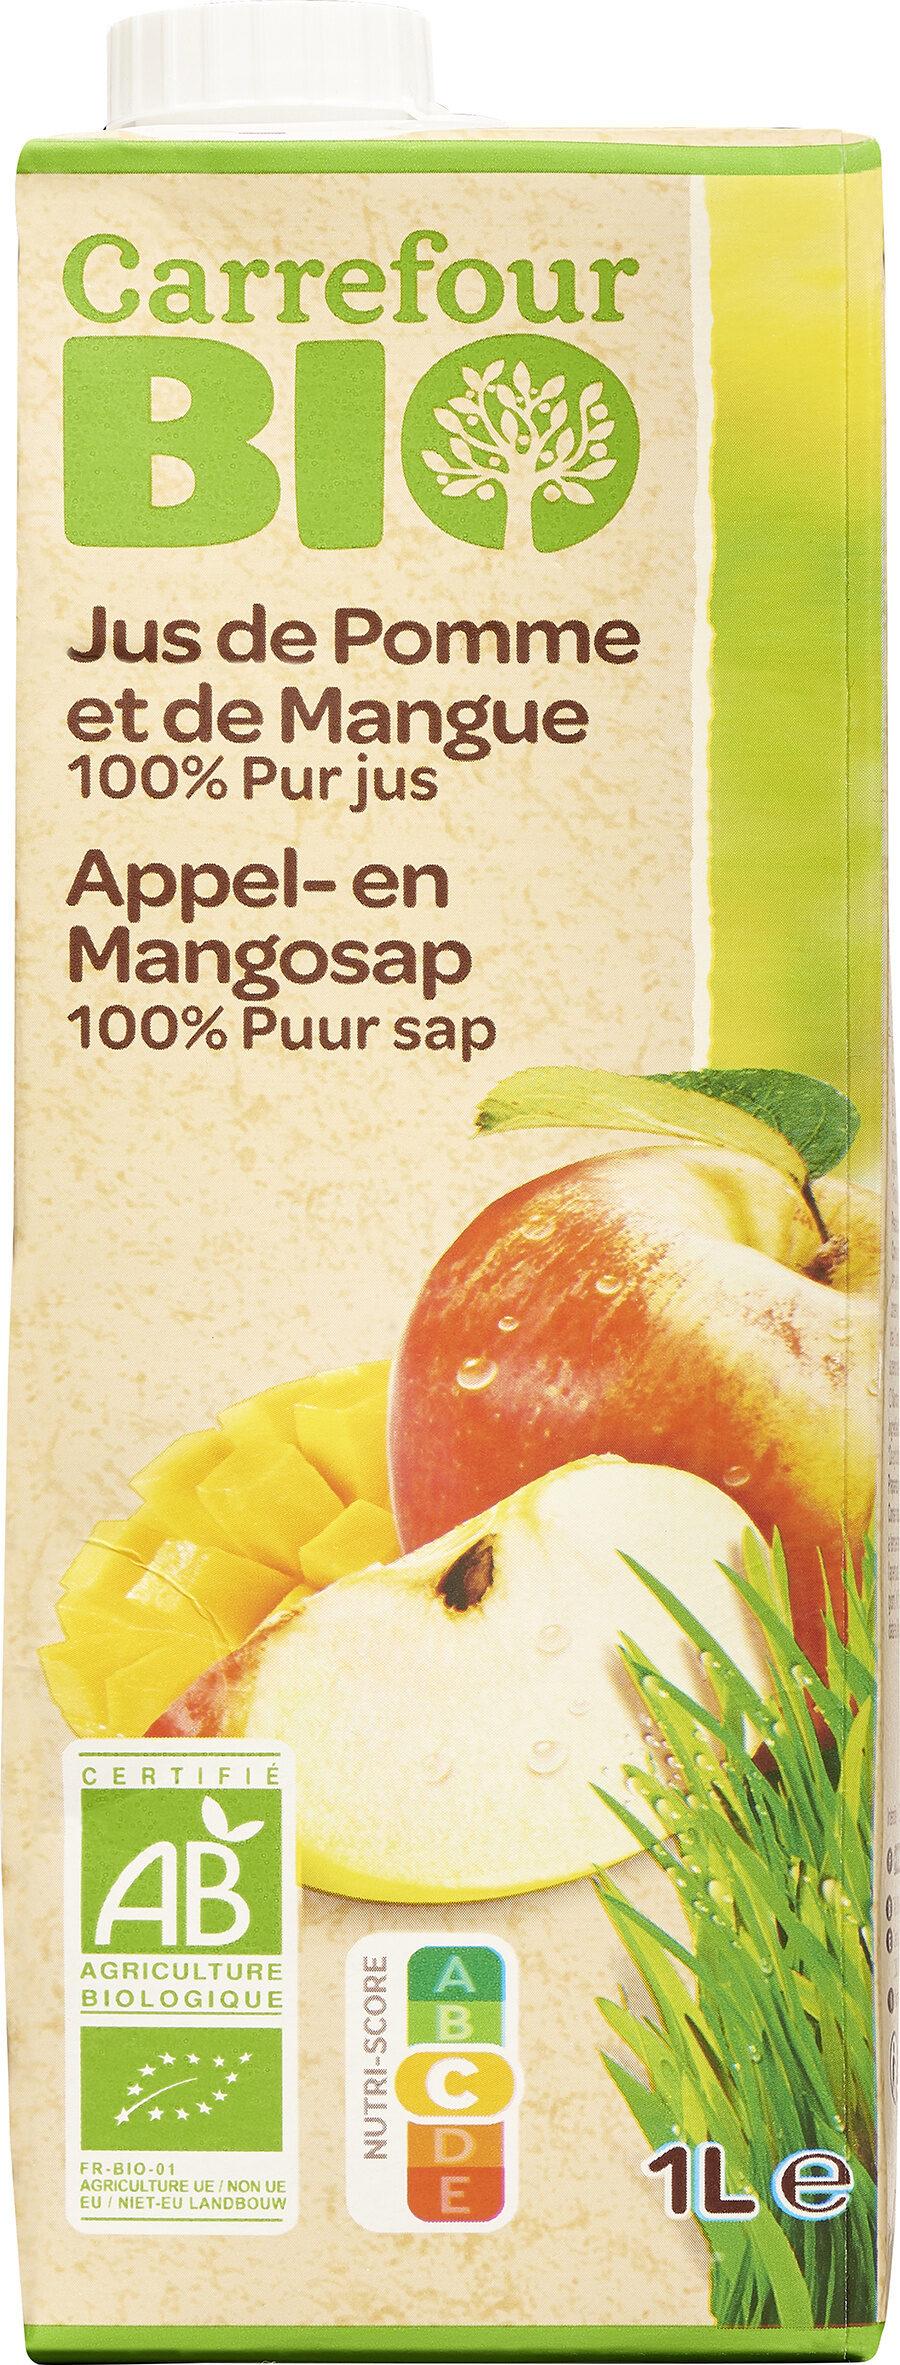 100% Purs Fruits Pressés Jus de Pomme et de Mangue Bio - Product - fr